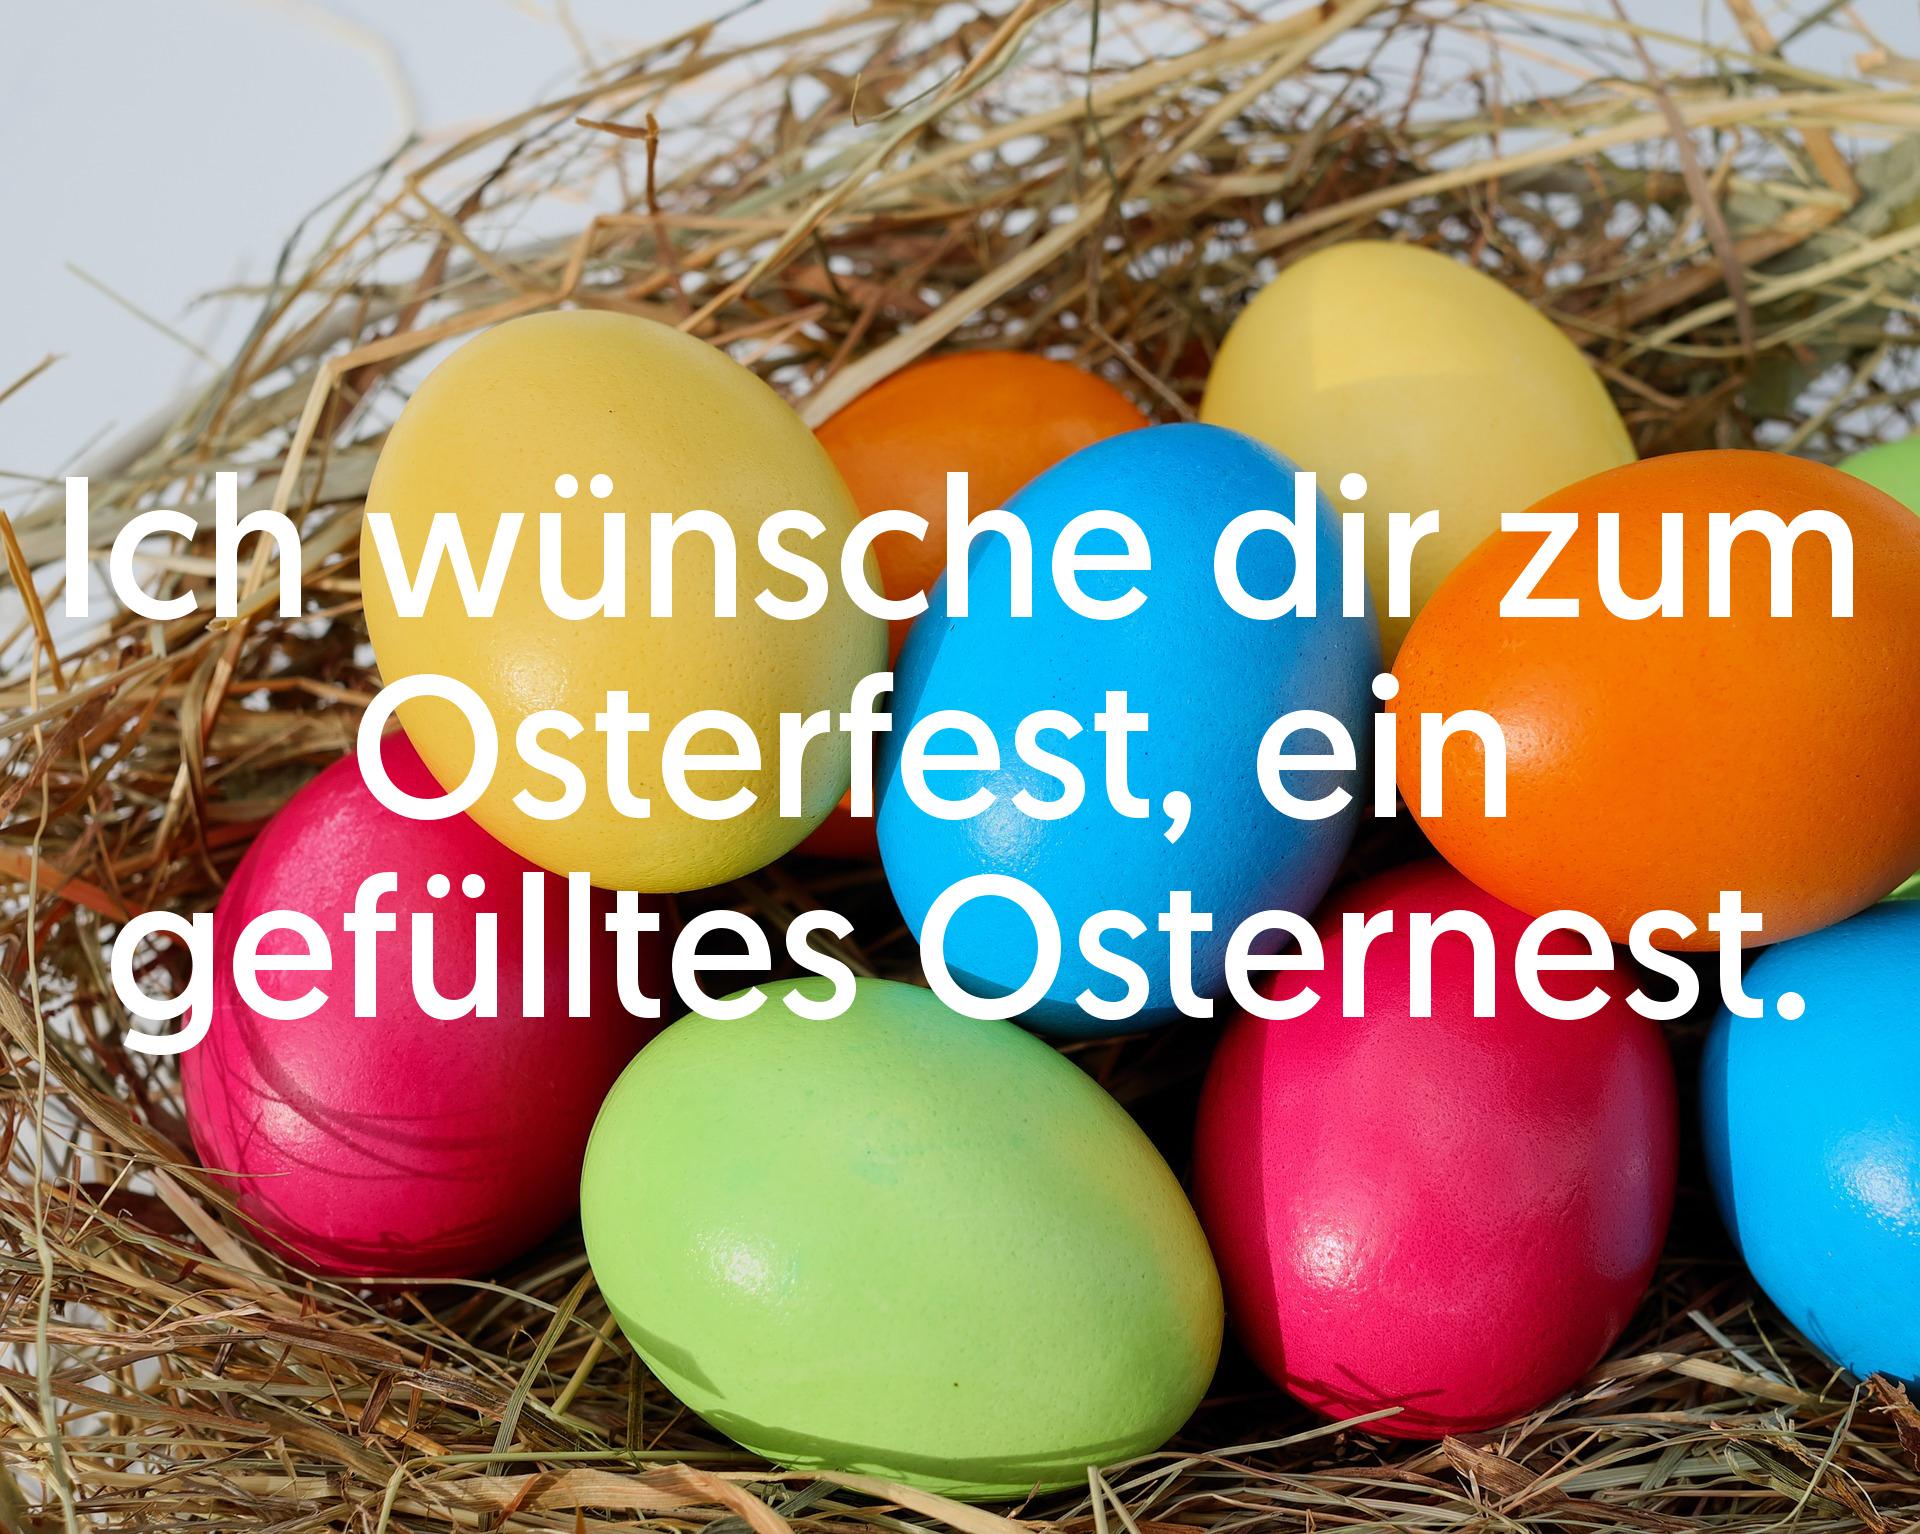 Ostern 2020: Die Besten Ostergrüße Für Whatsapp Und Co. für Osterglückwünsche Auf Englisch